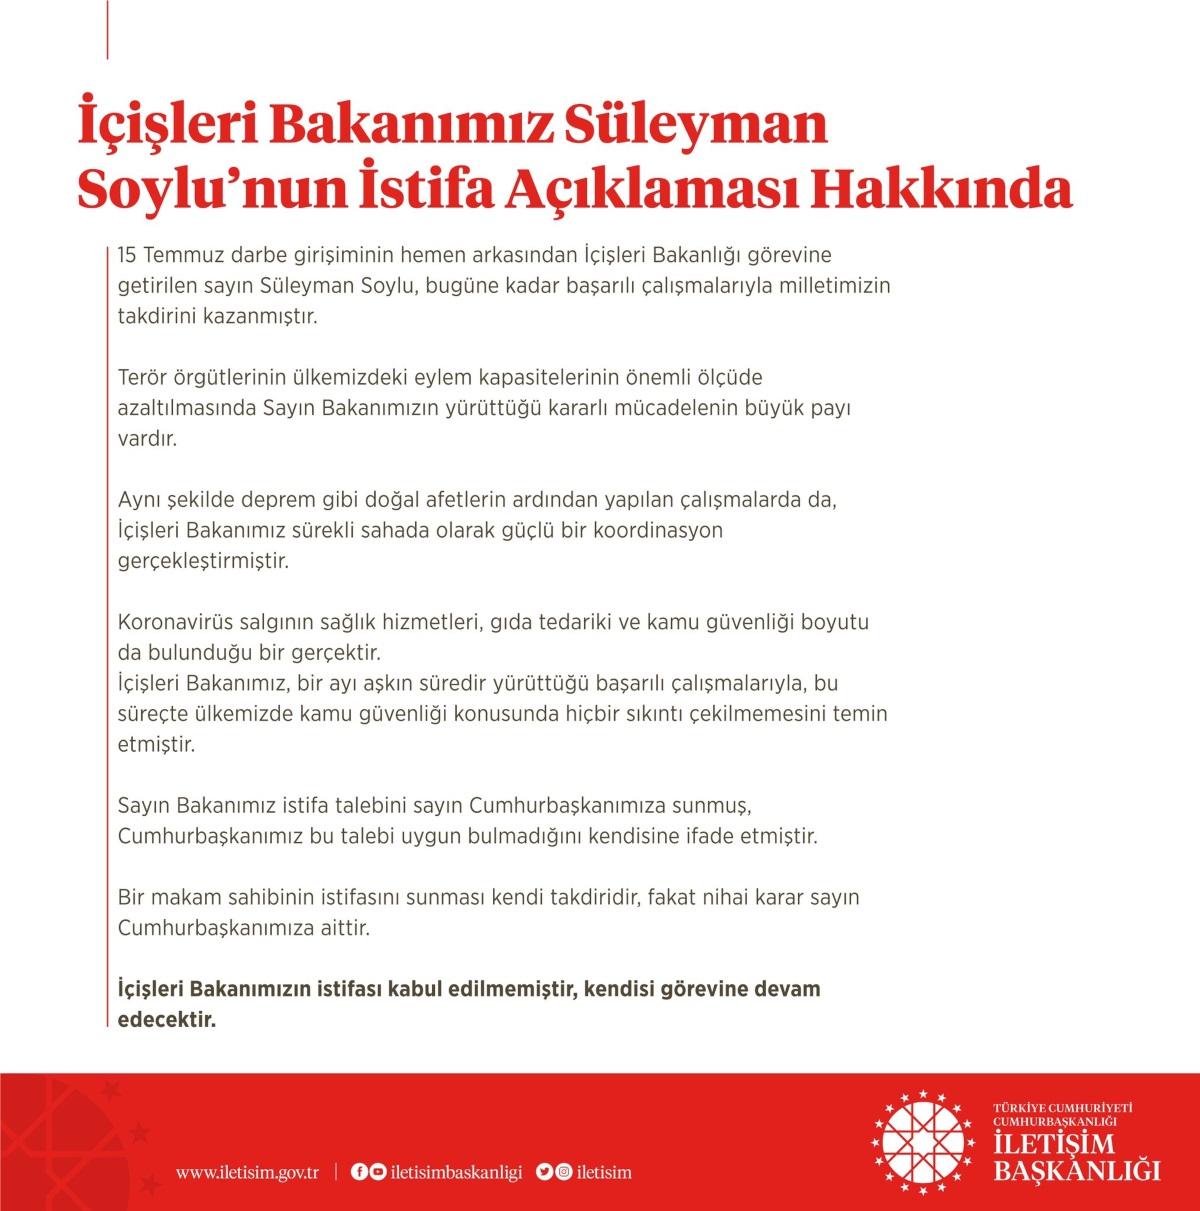 Cumhurbaşkanlığı İletişim Başkanlığı - Süleyman Soylu istifa açıklaması